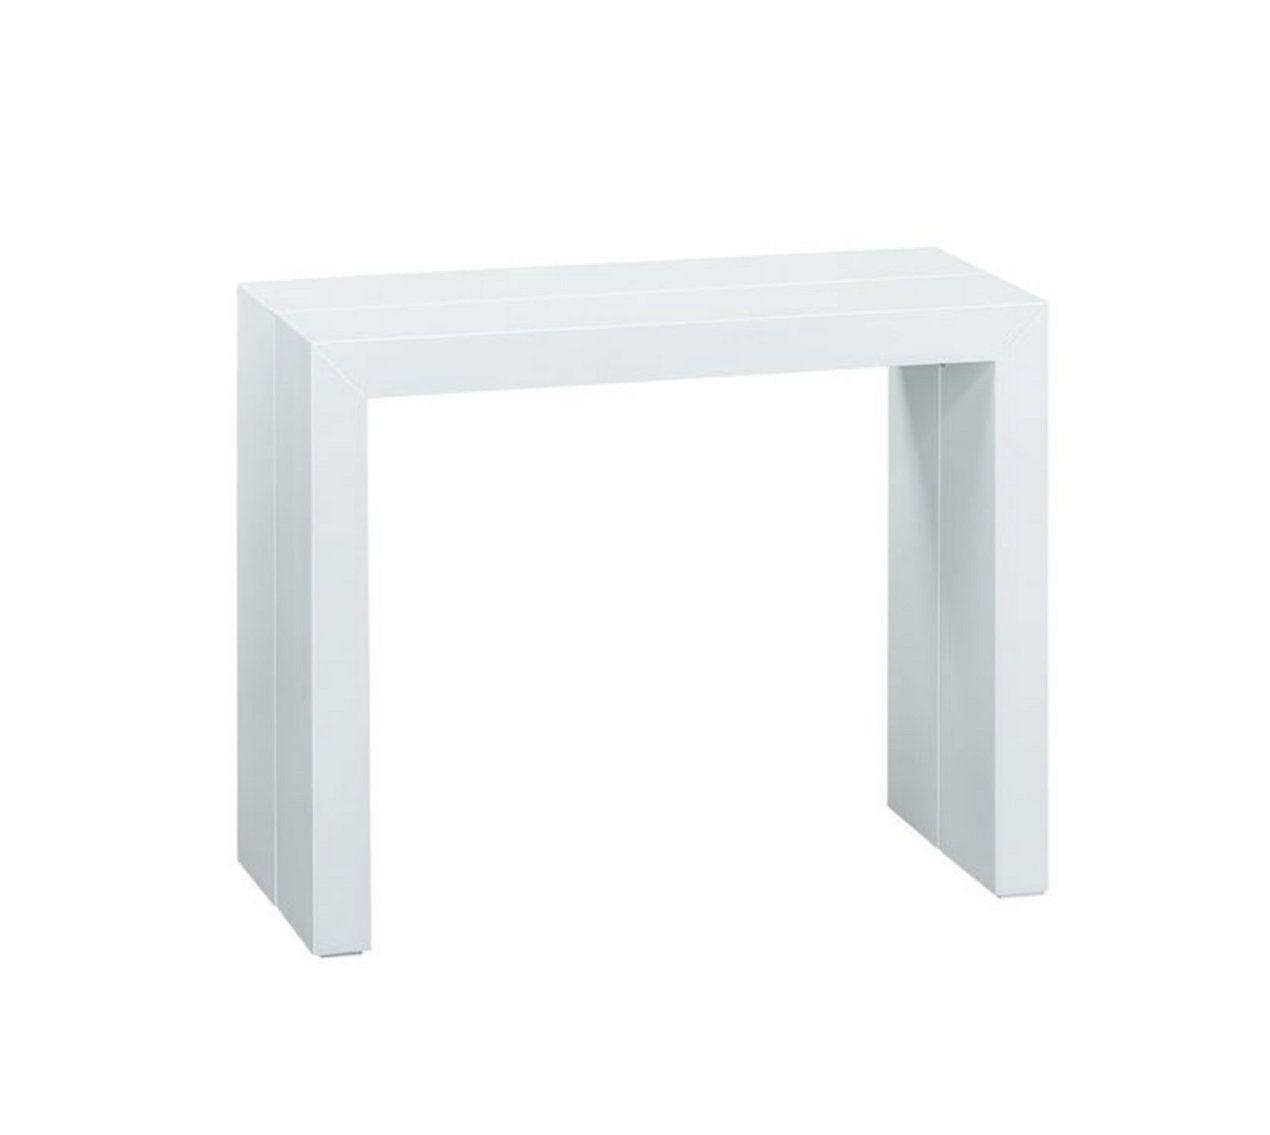 Achat Meubles Canape Lit Matelas Table Salon Et Bureau Achat Electromenager Tv Et Hi Fi Le Design Pas Cher Console Extensible Meuble Canape Achat Meuble